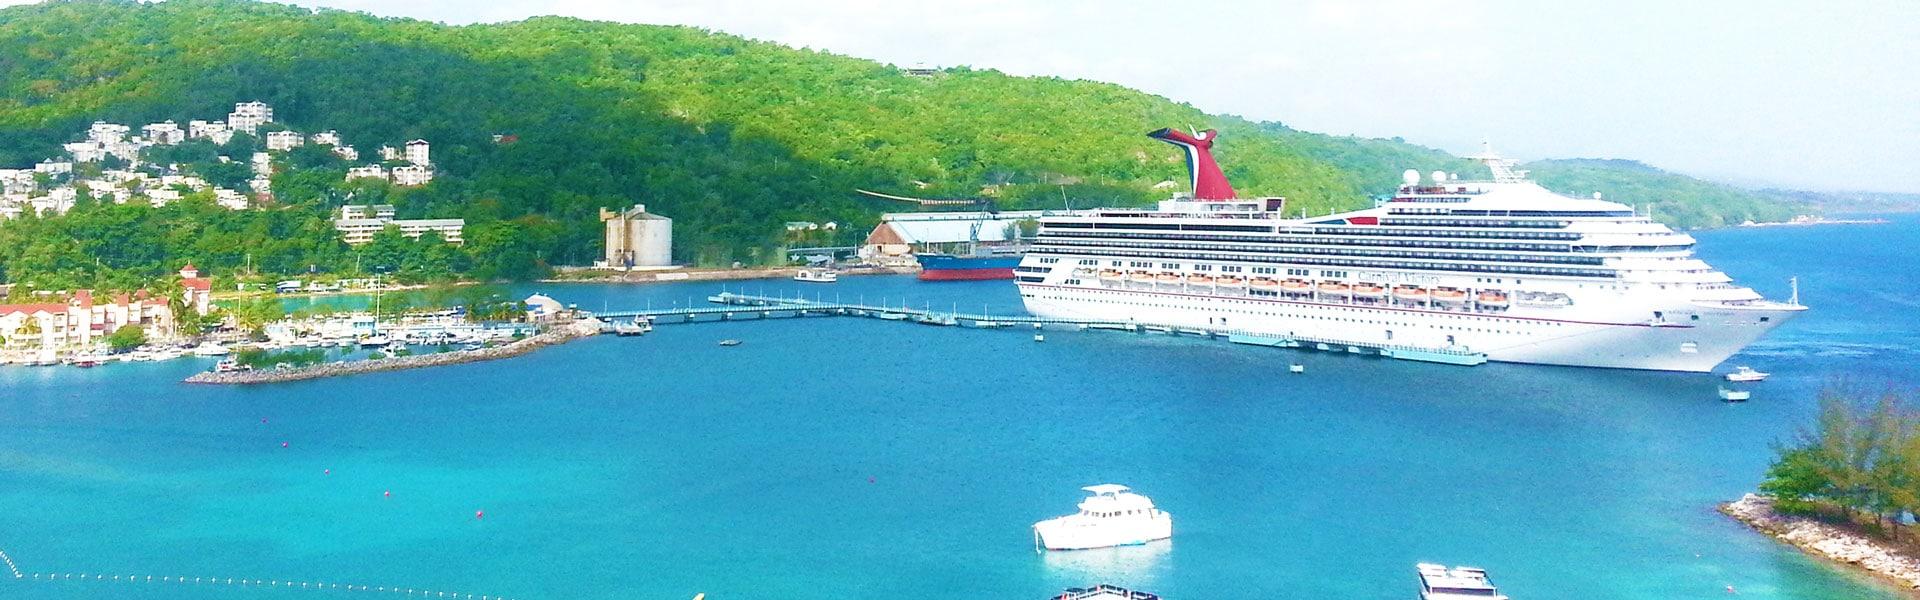 Ocho Rios Jamaica Highlight Tour Falmouth Port And Montego Bay